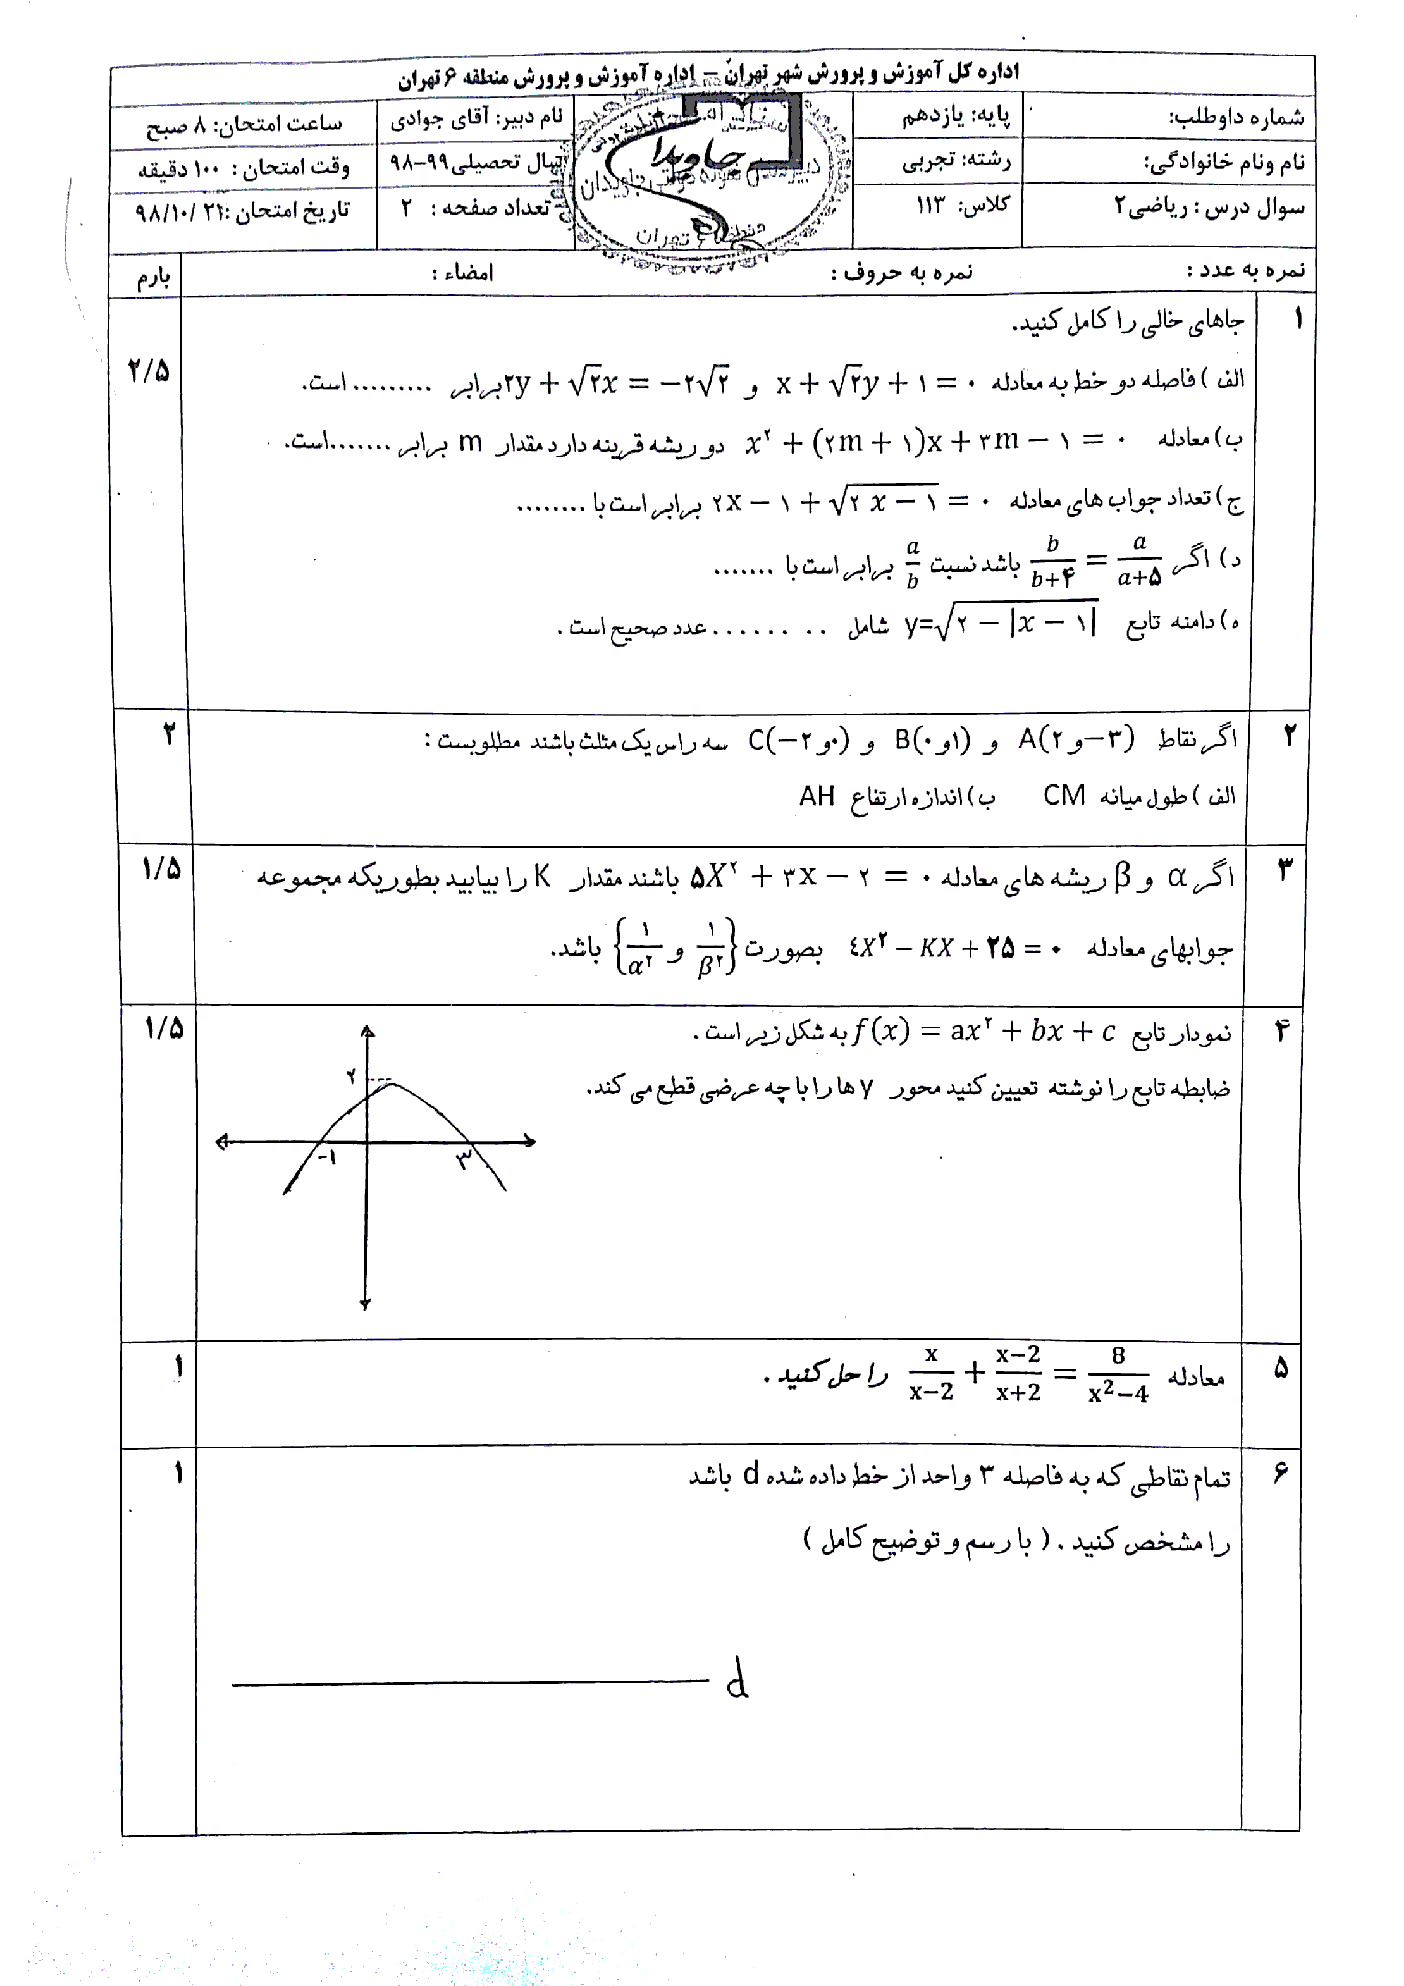 آزمون نوبت اول ریاضی (2) یازدهم دبیرستان نمونه دولتی جاویدان | دی 1398